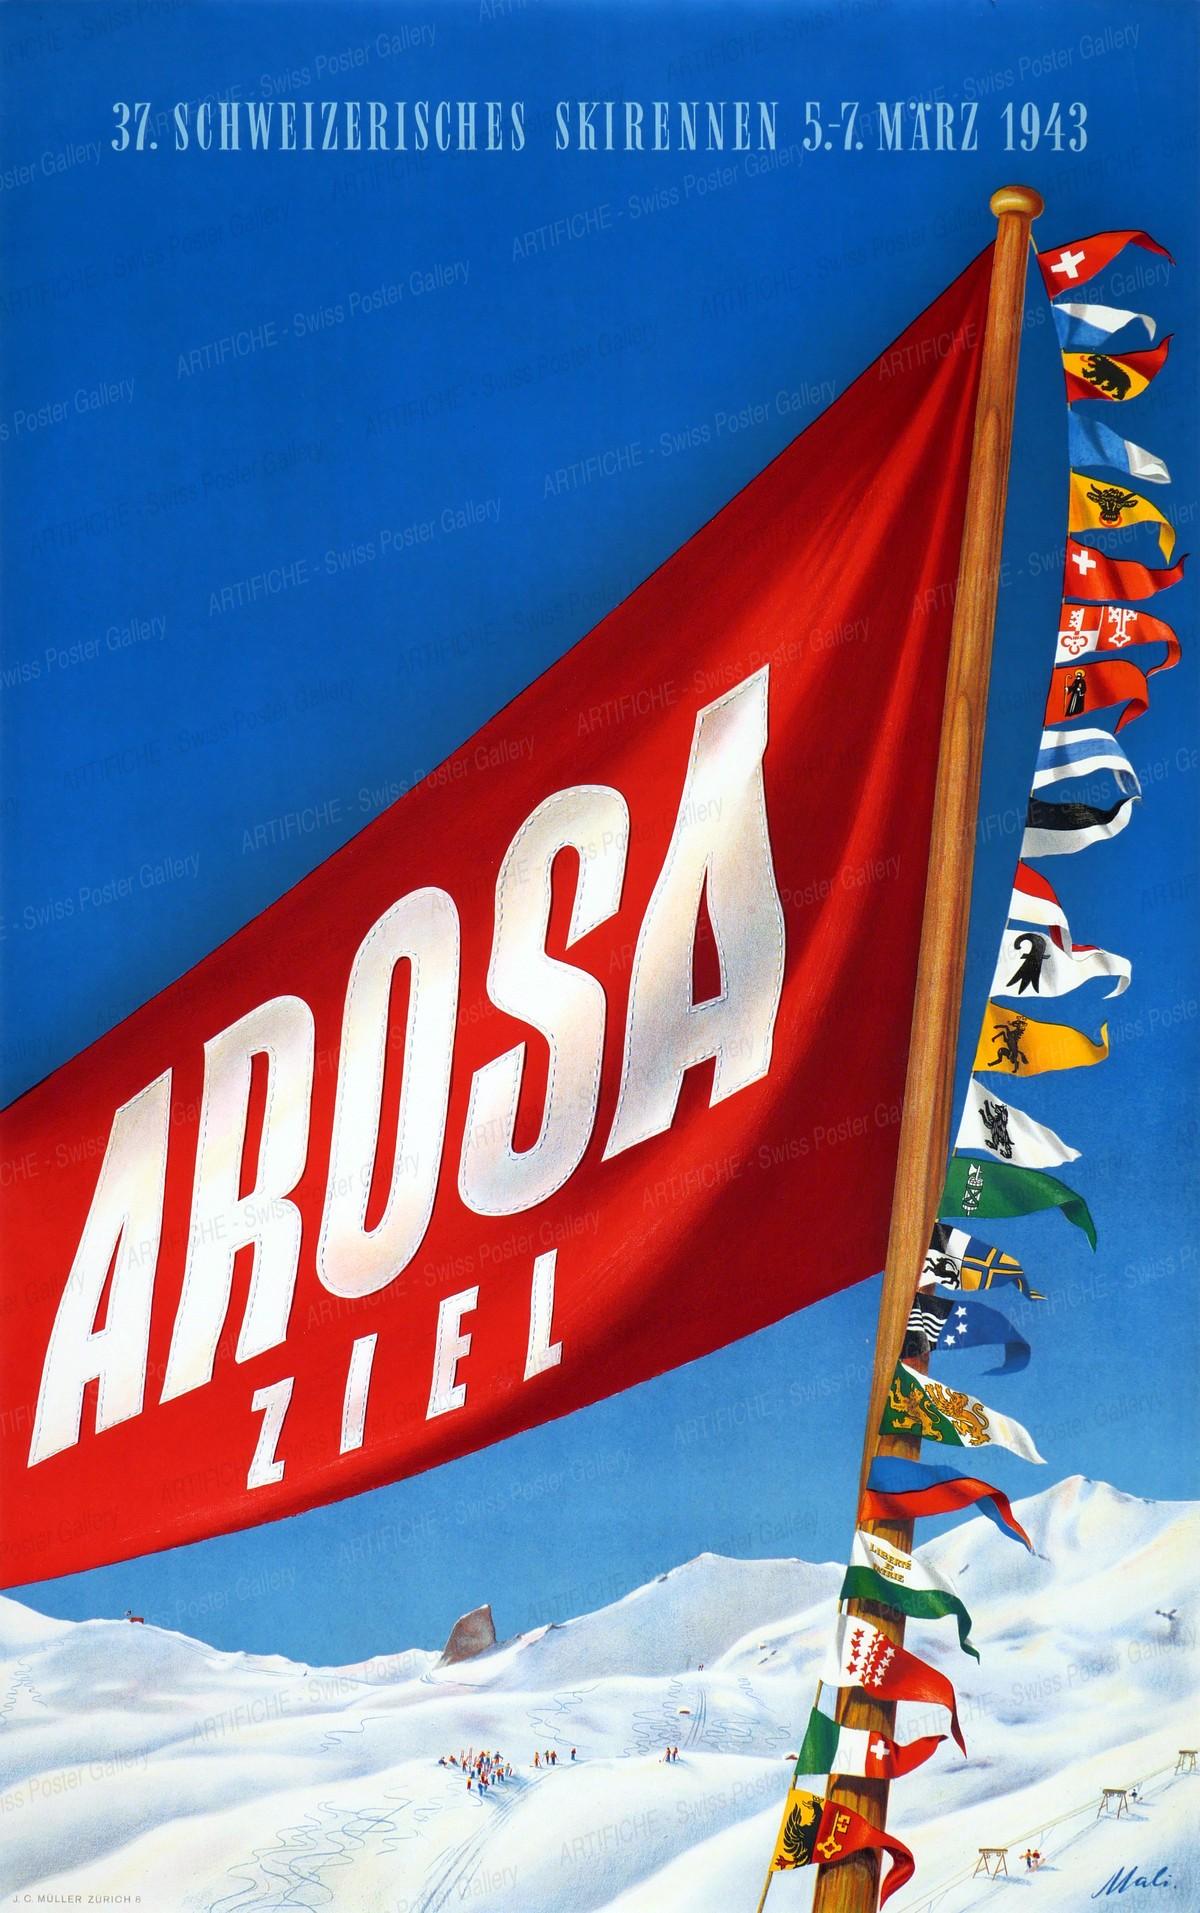 37. Schweizerisches Skirennen – Arosa – Ziel 1943, Otto Malischke